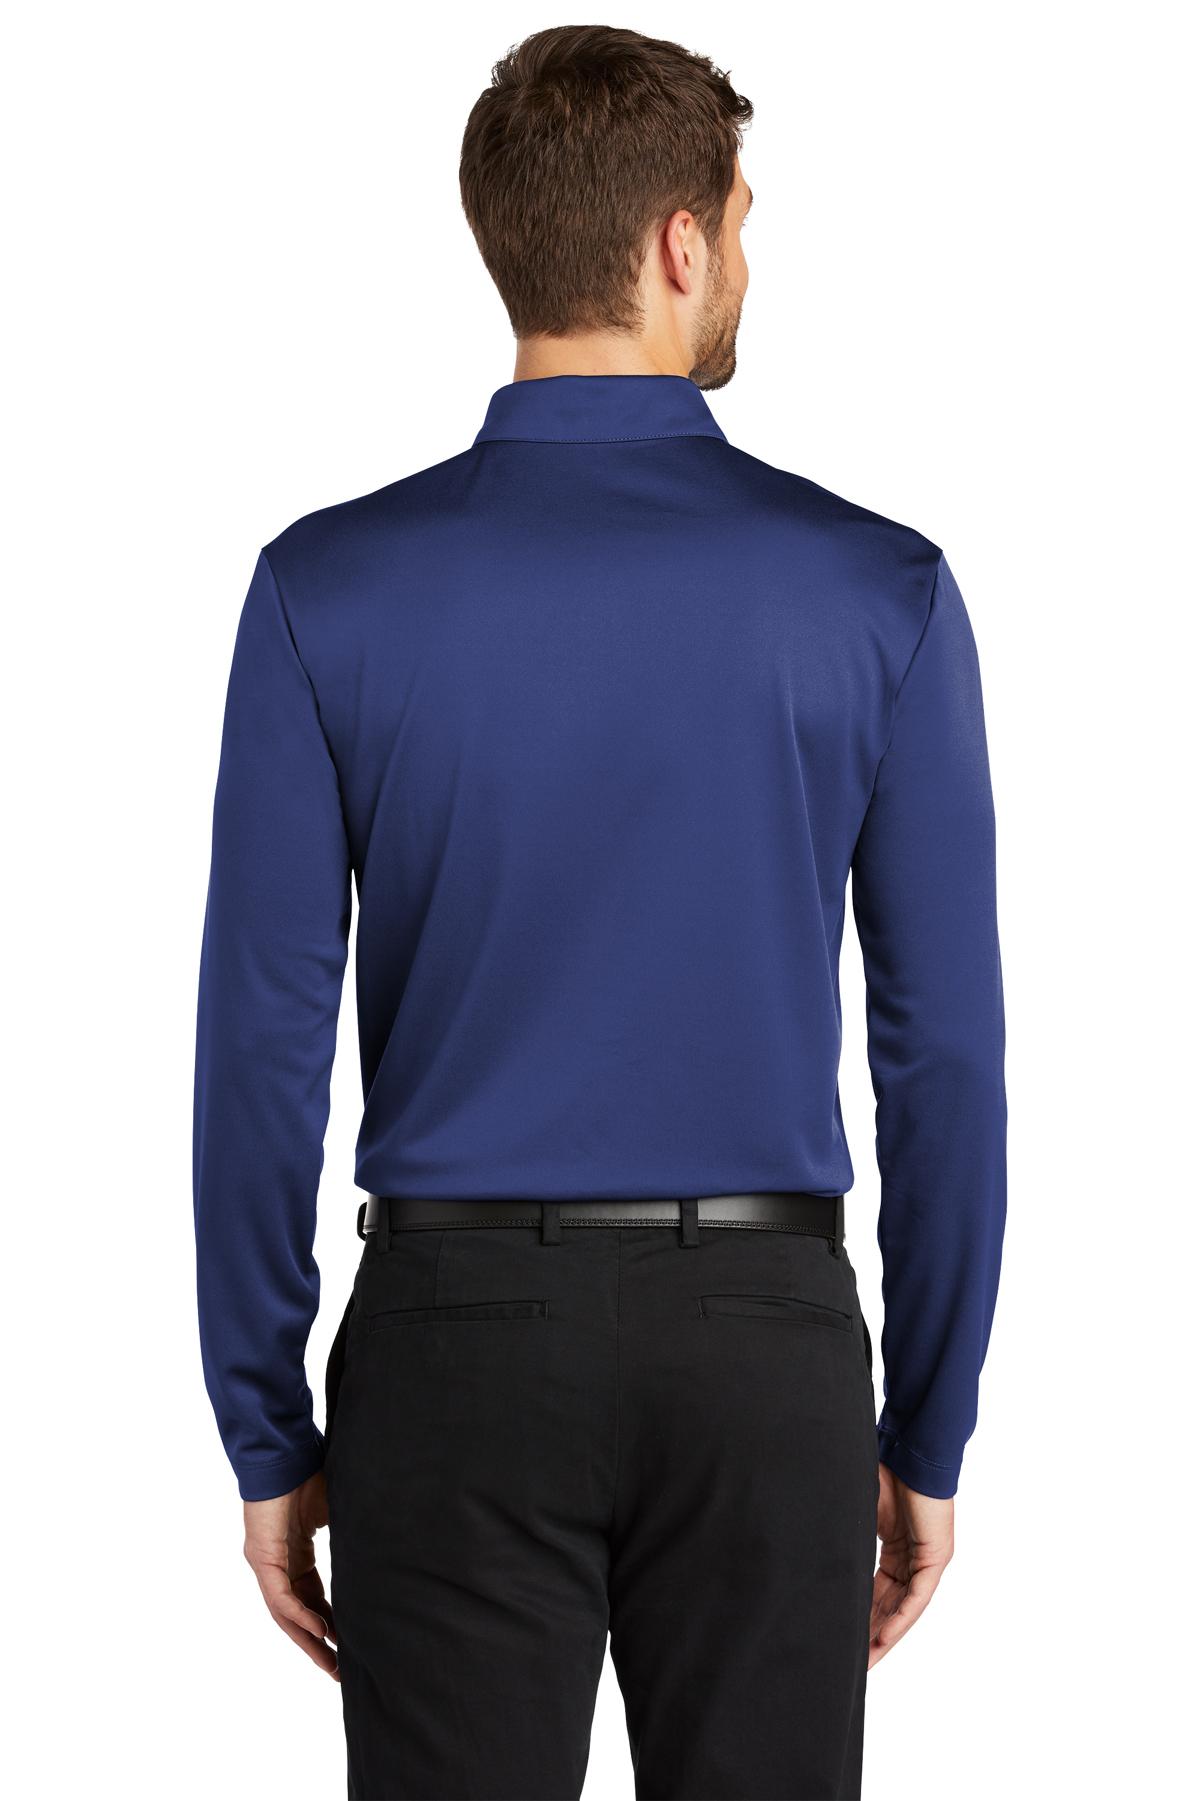 Kansas camiseta polo 7392 pm 100780-540-l